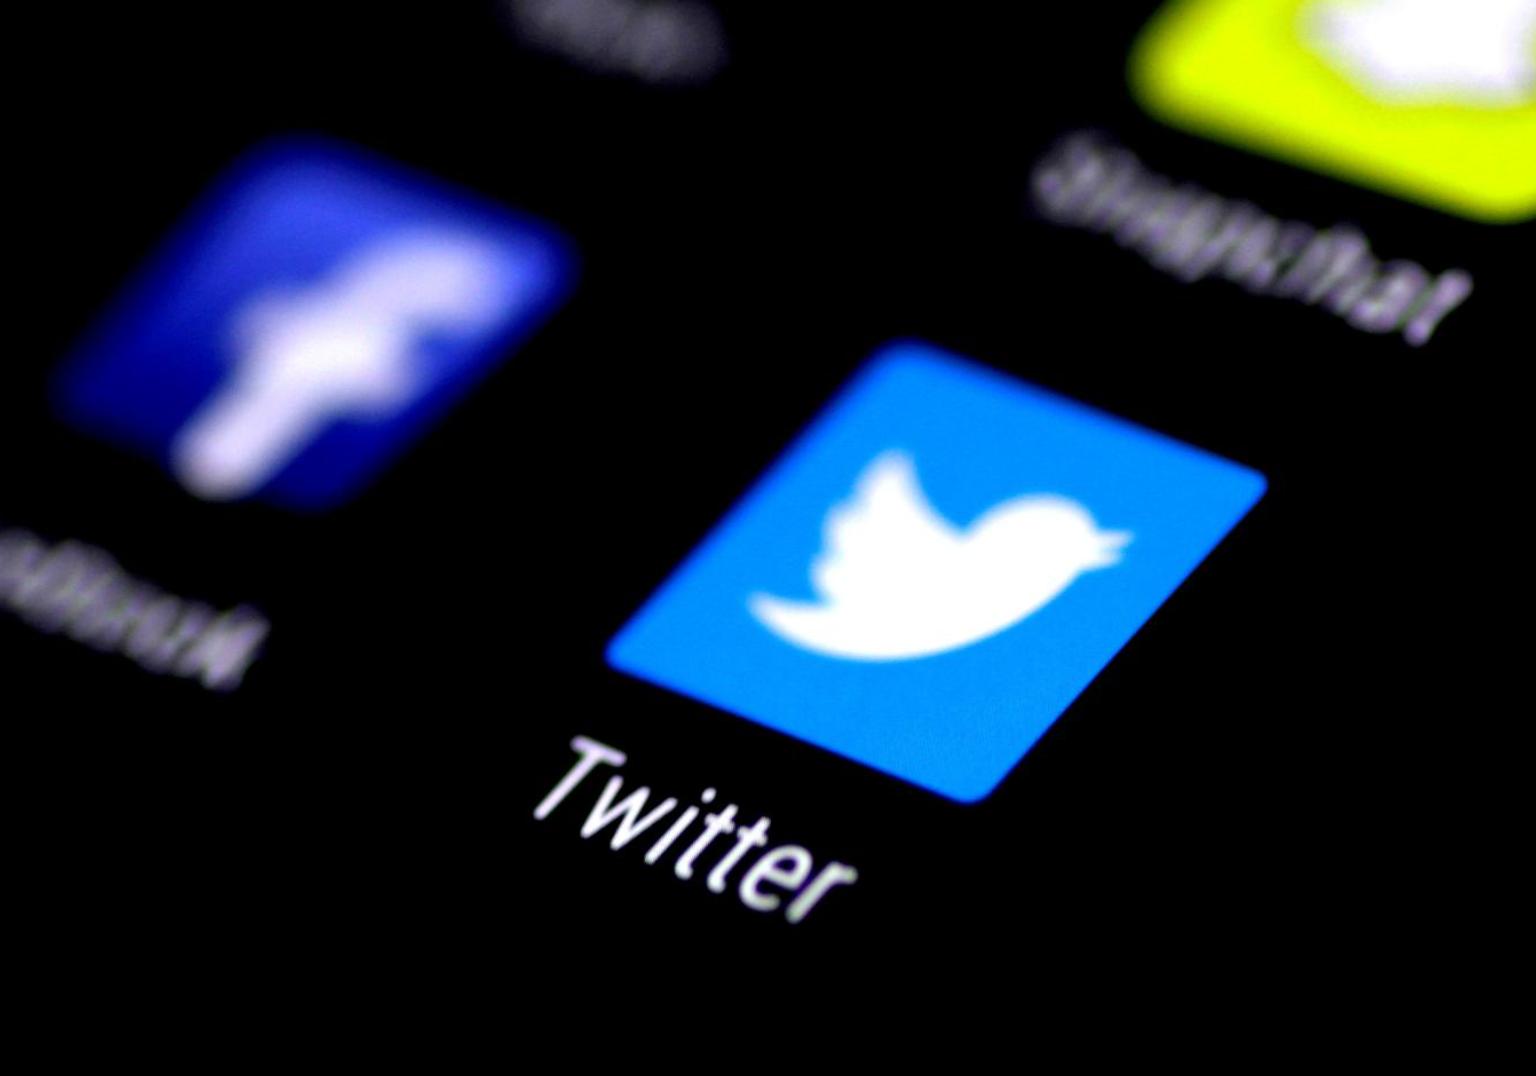 特朗普部门推文被短暂限制点赞、评论及转发,推特平台回应 第2张